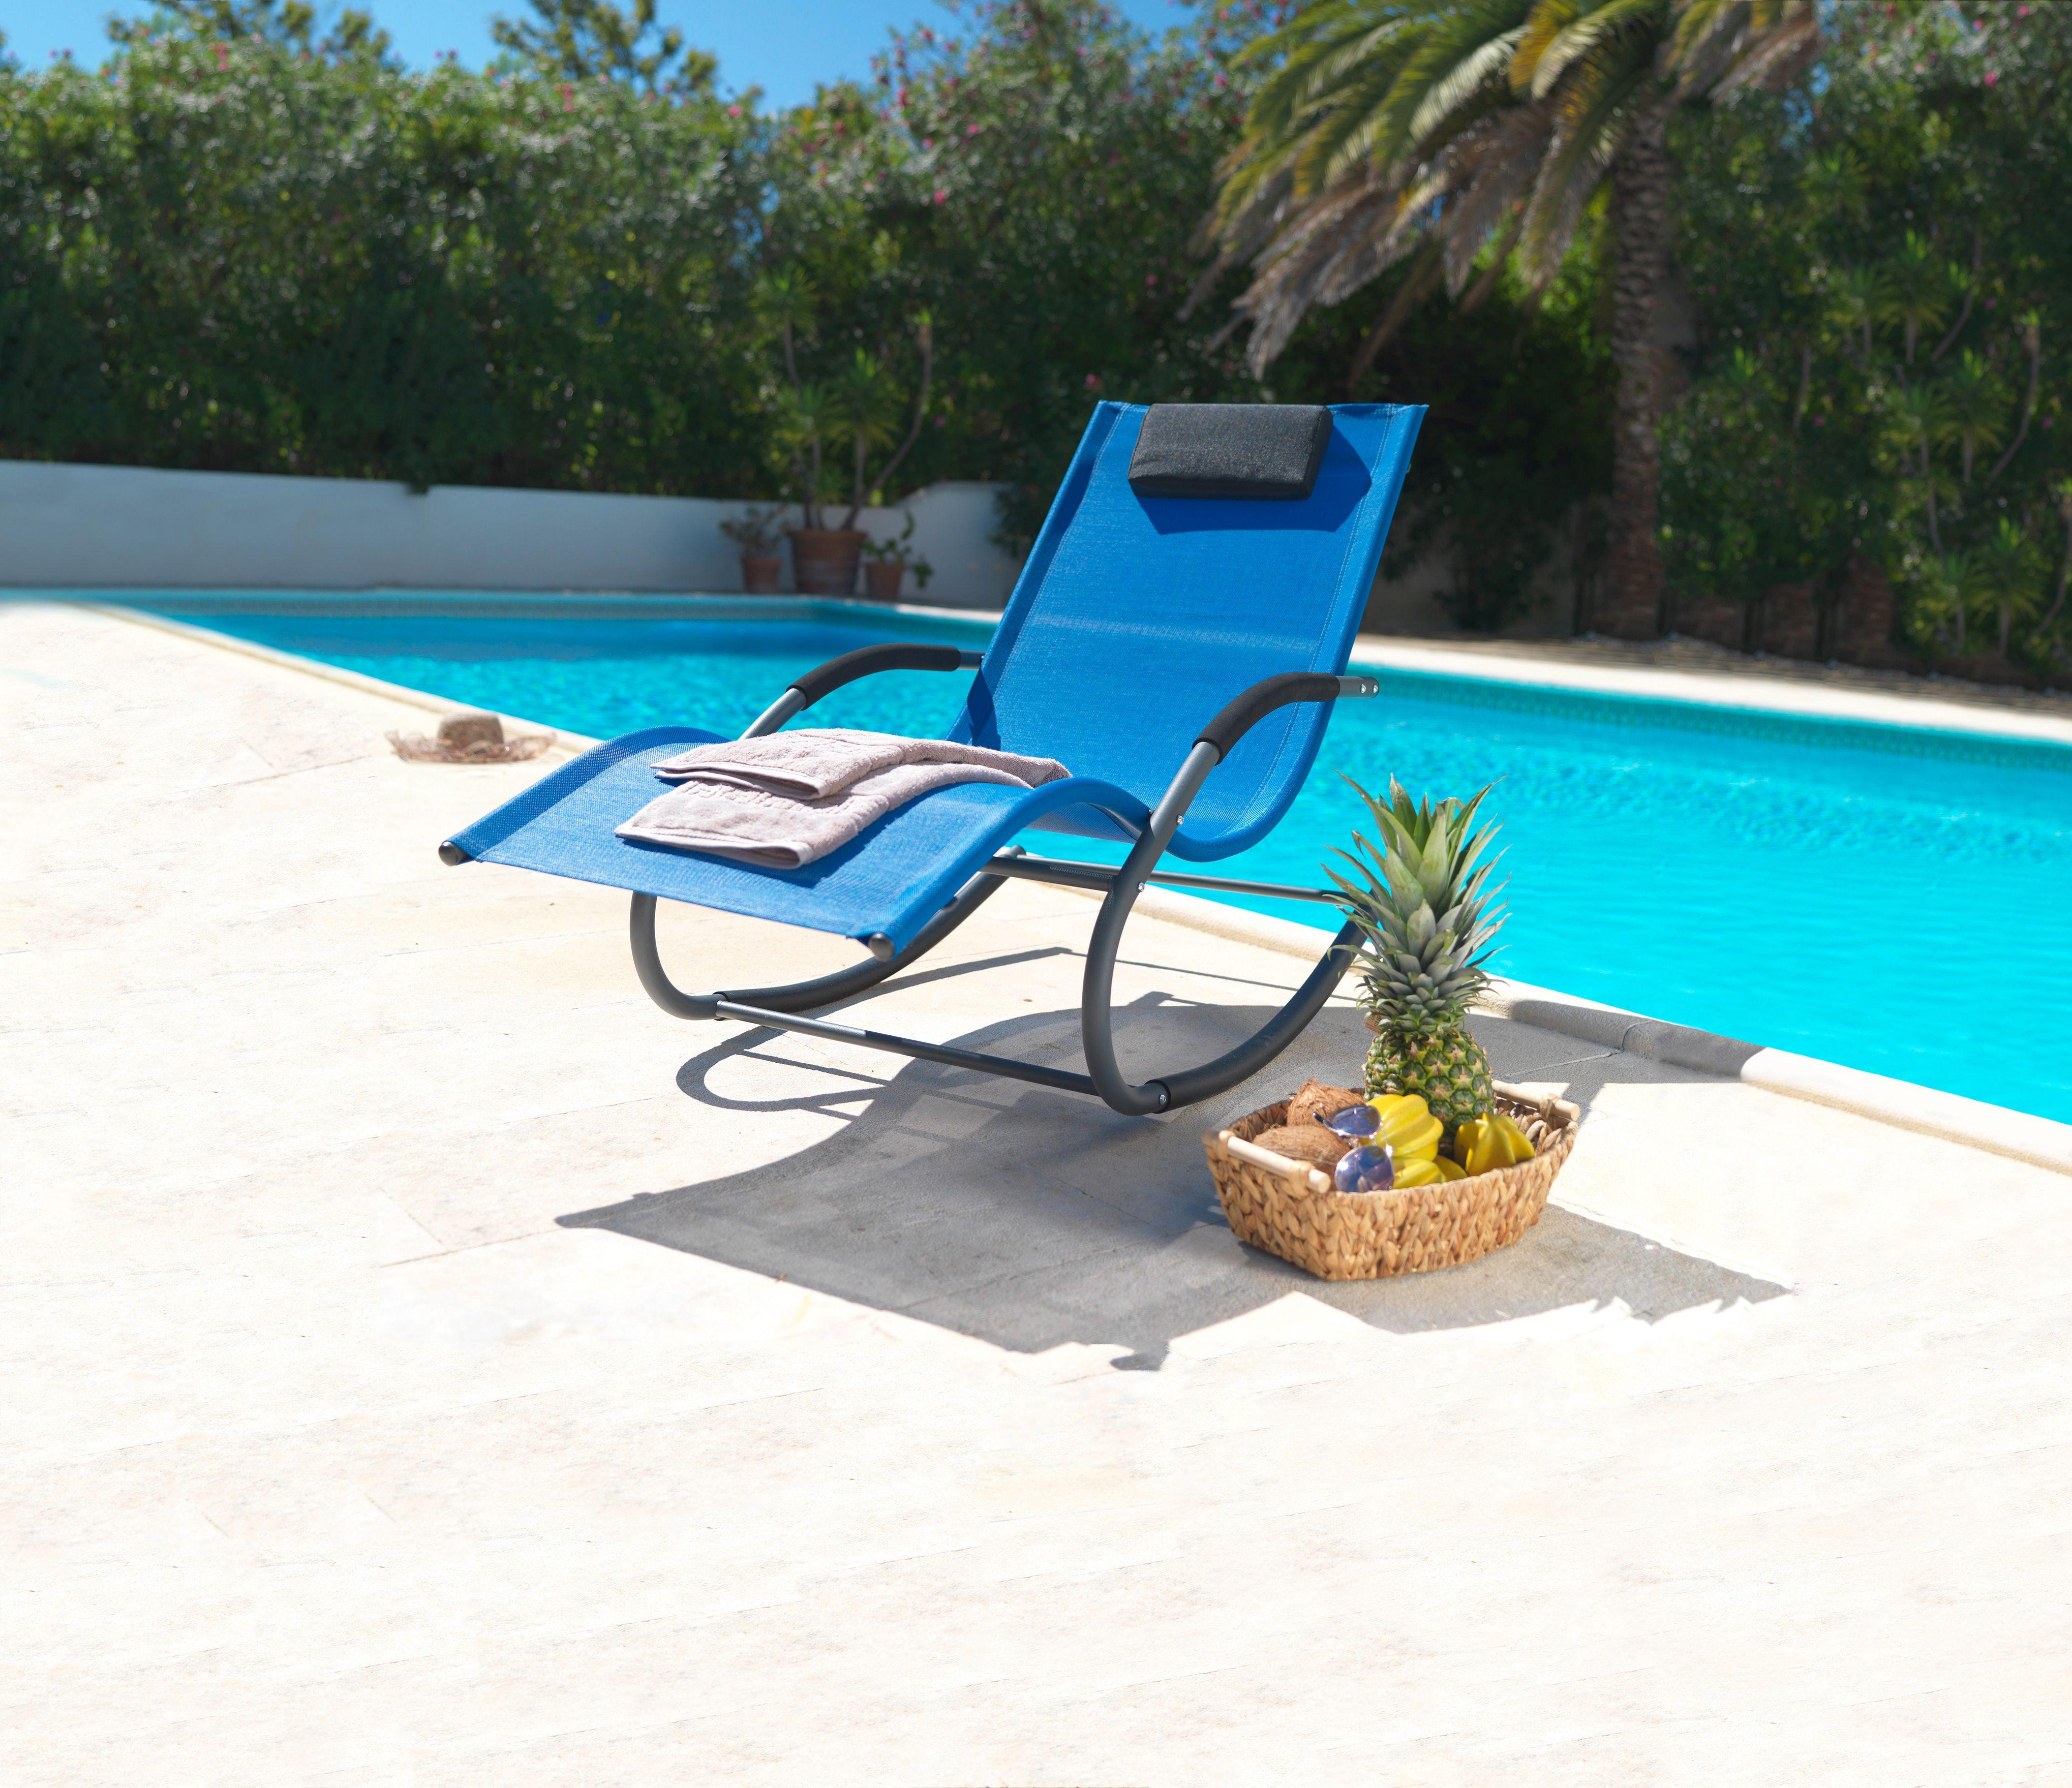 Garten Ideen Sonnenliege mit SchaukelFunktion